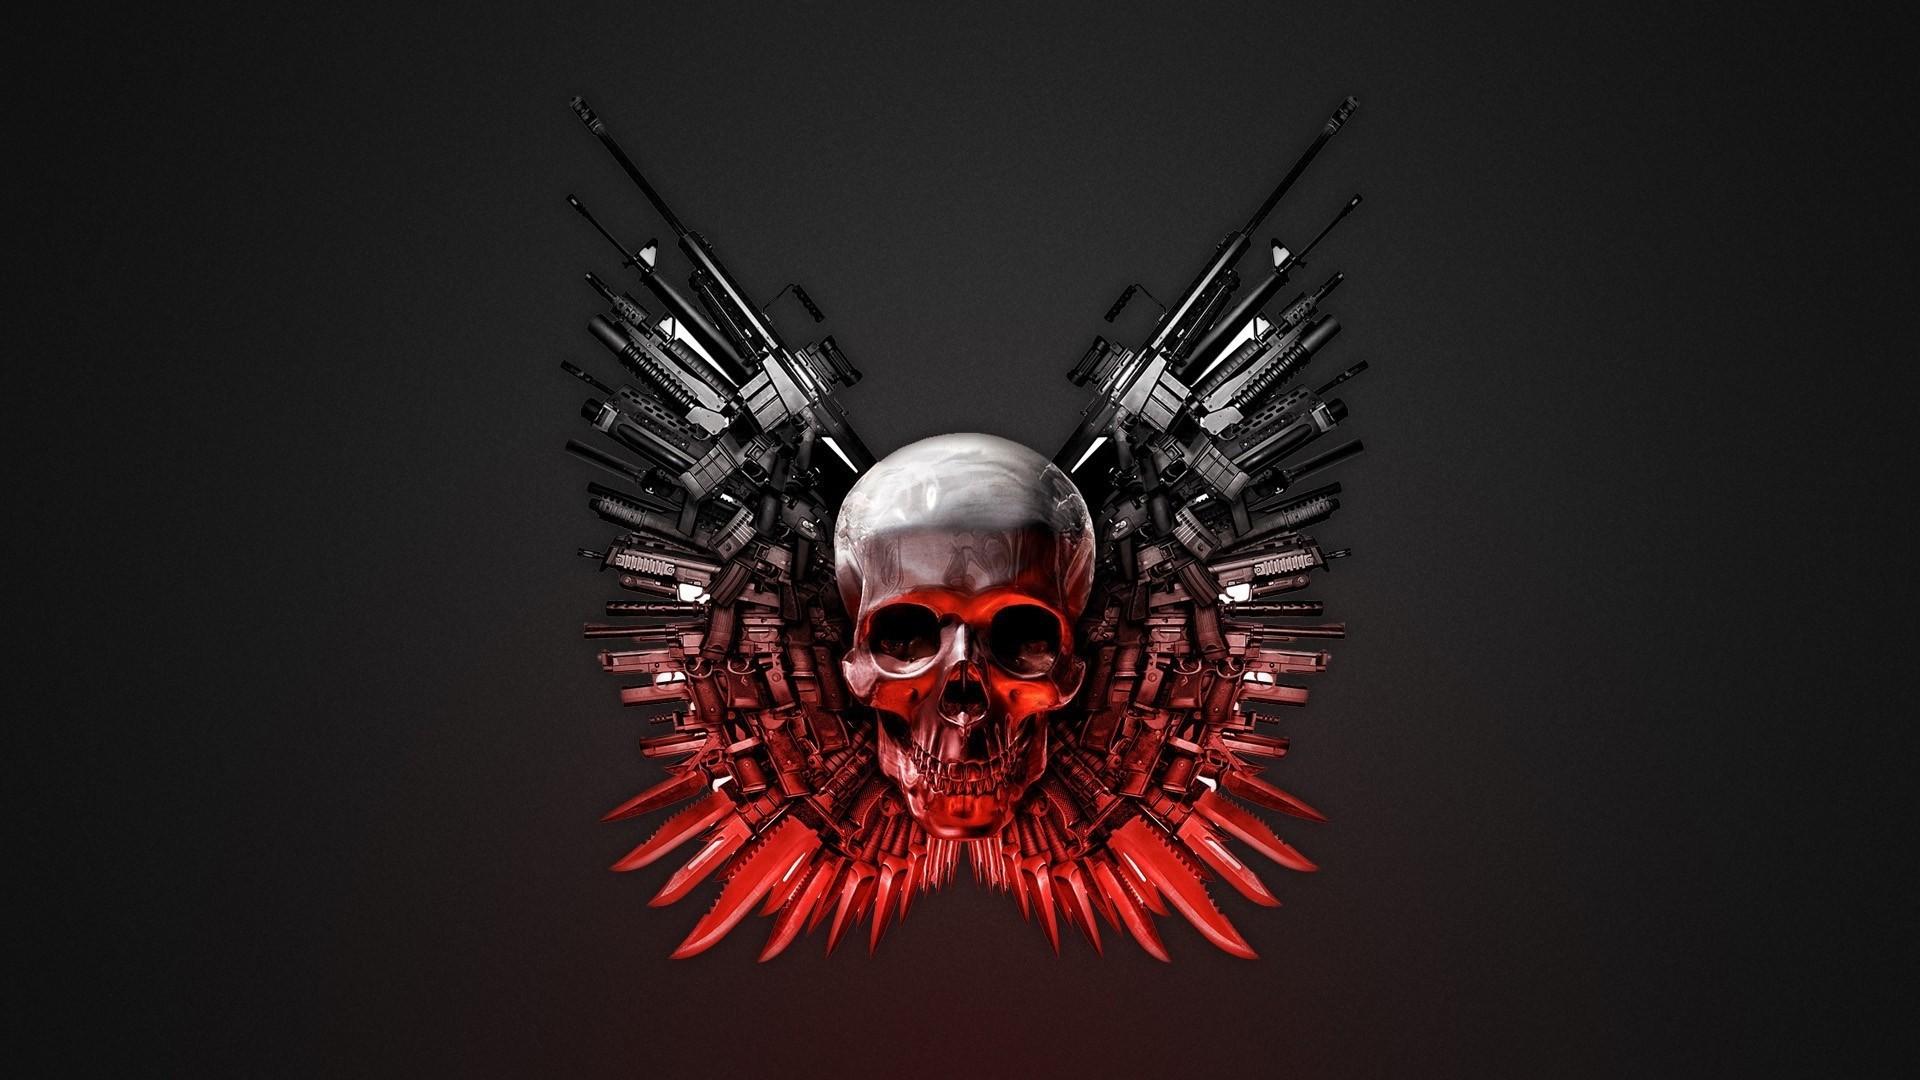 skull hd wallpaper (Bruce Walter 1920 x 1080) | ololoshenka | Pinterest |  Hd wallpaper